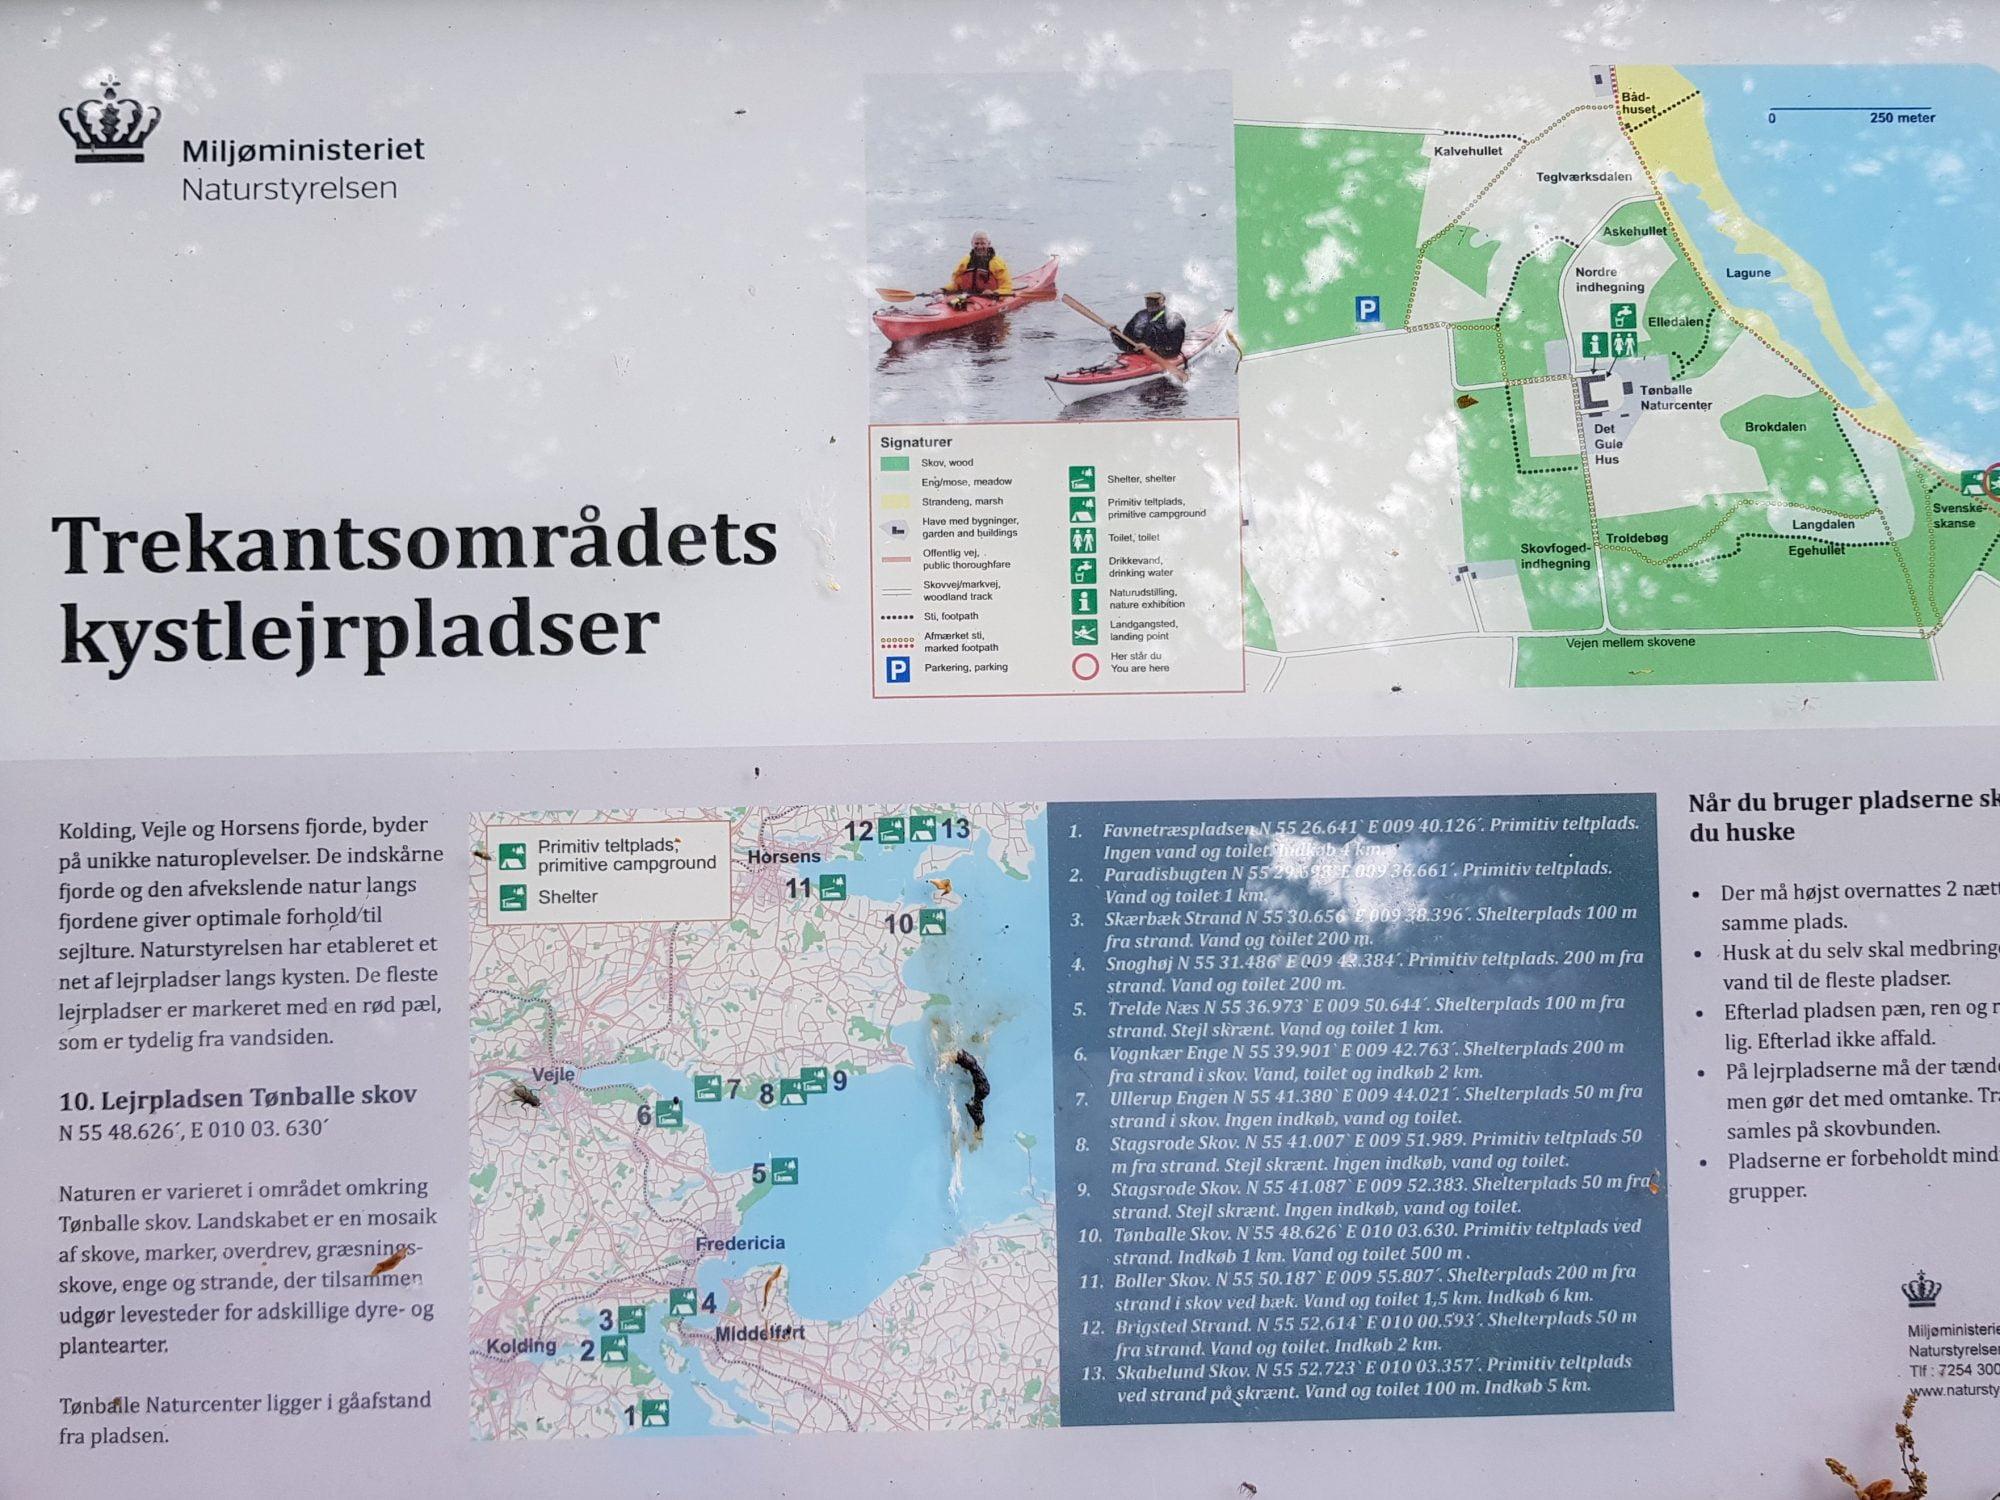 Batterierne og Hundshage Horsens fjord